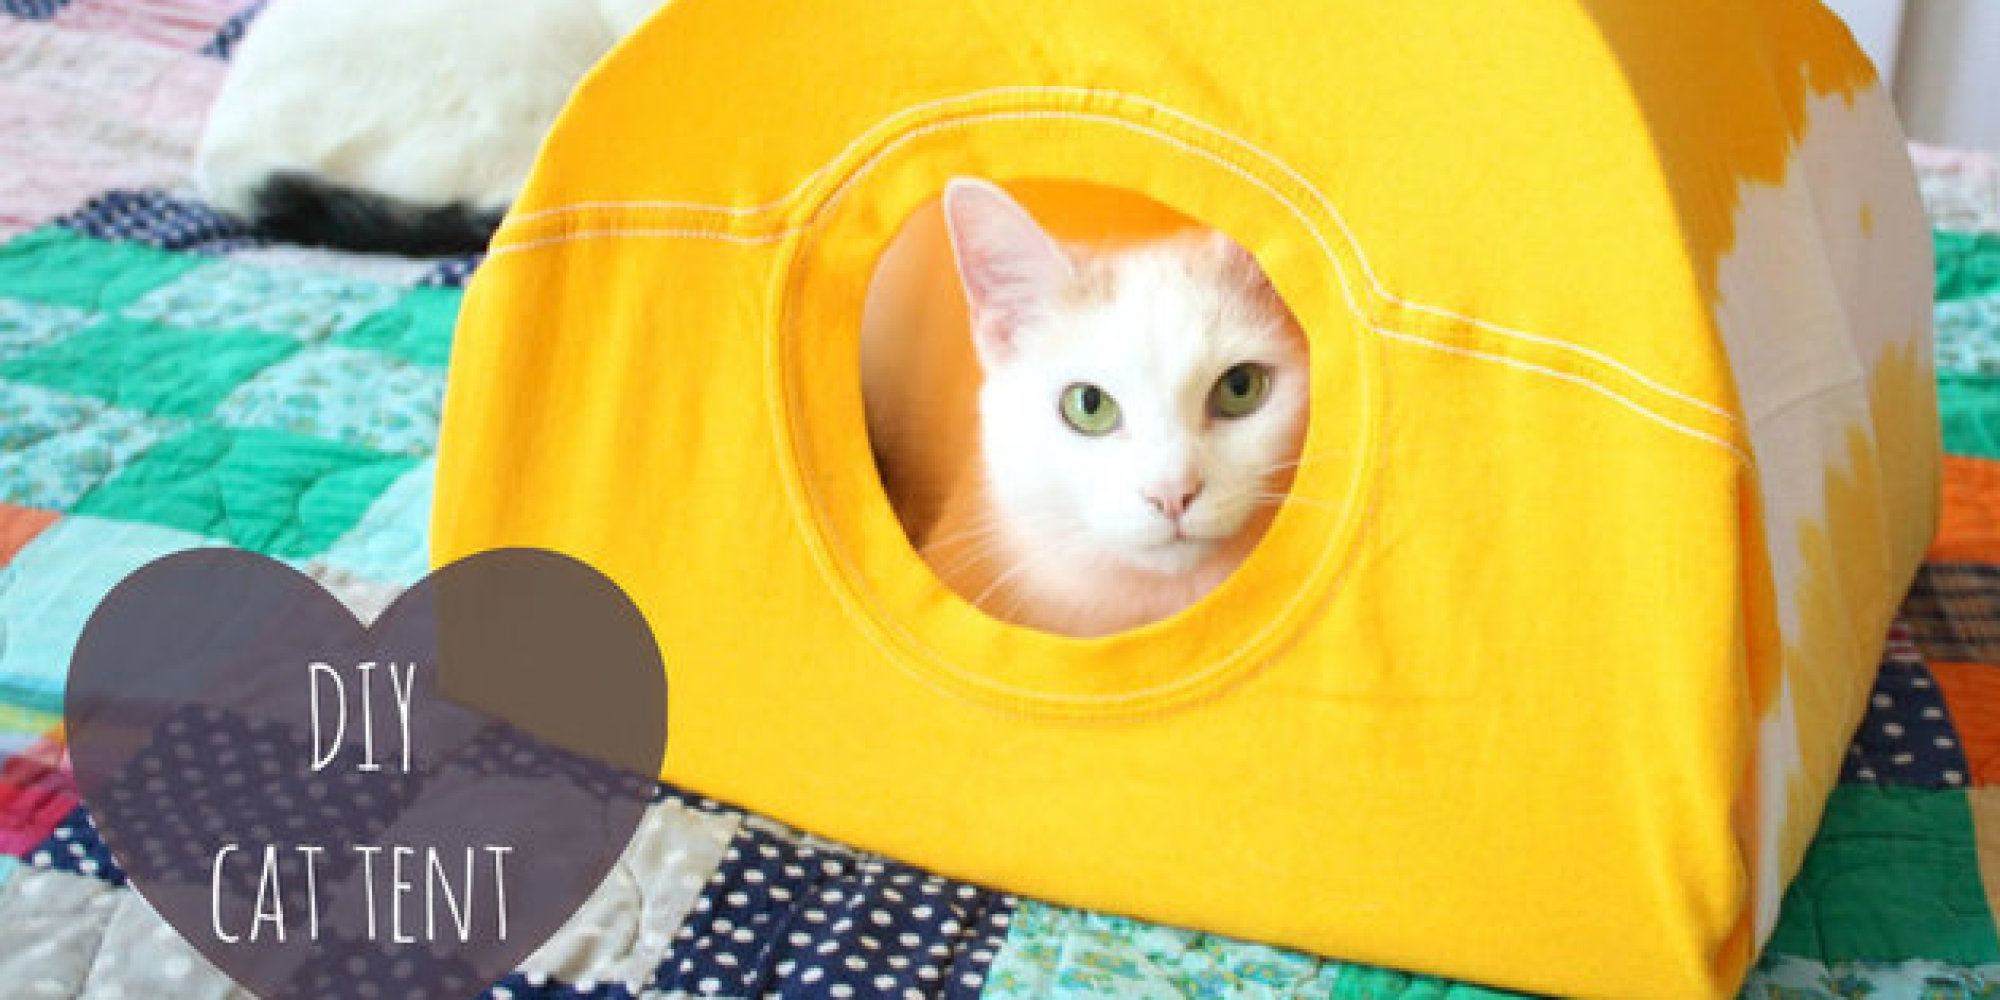 voici comment fabriquer une tente pour chat avec un vieux t shirt. Black Bedroom Furniture Sets. Home Design Ideas